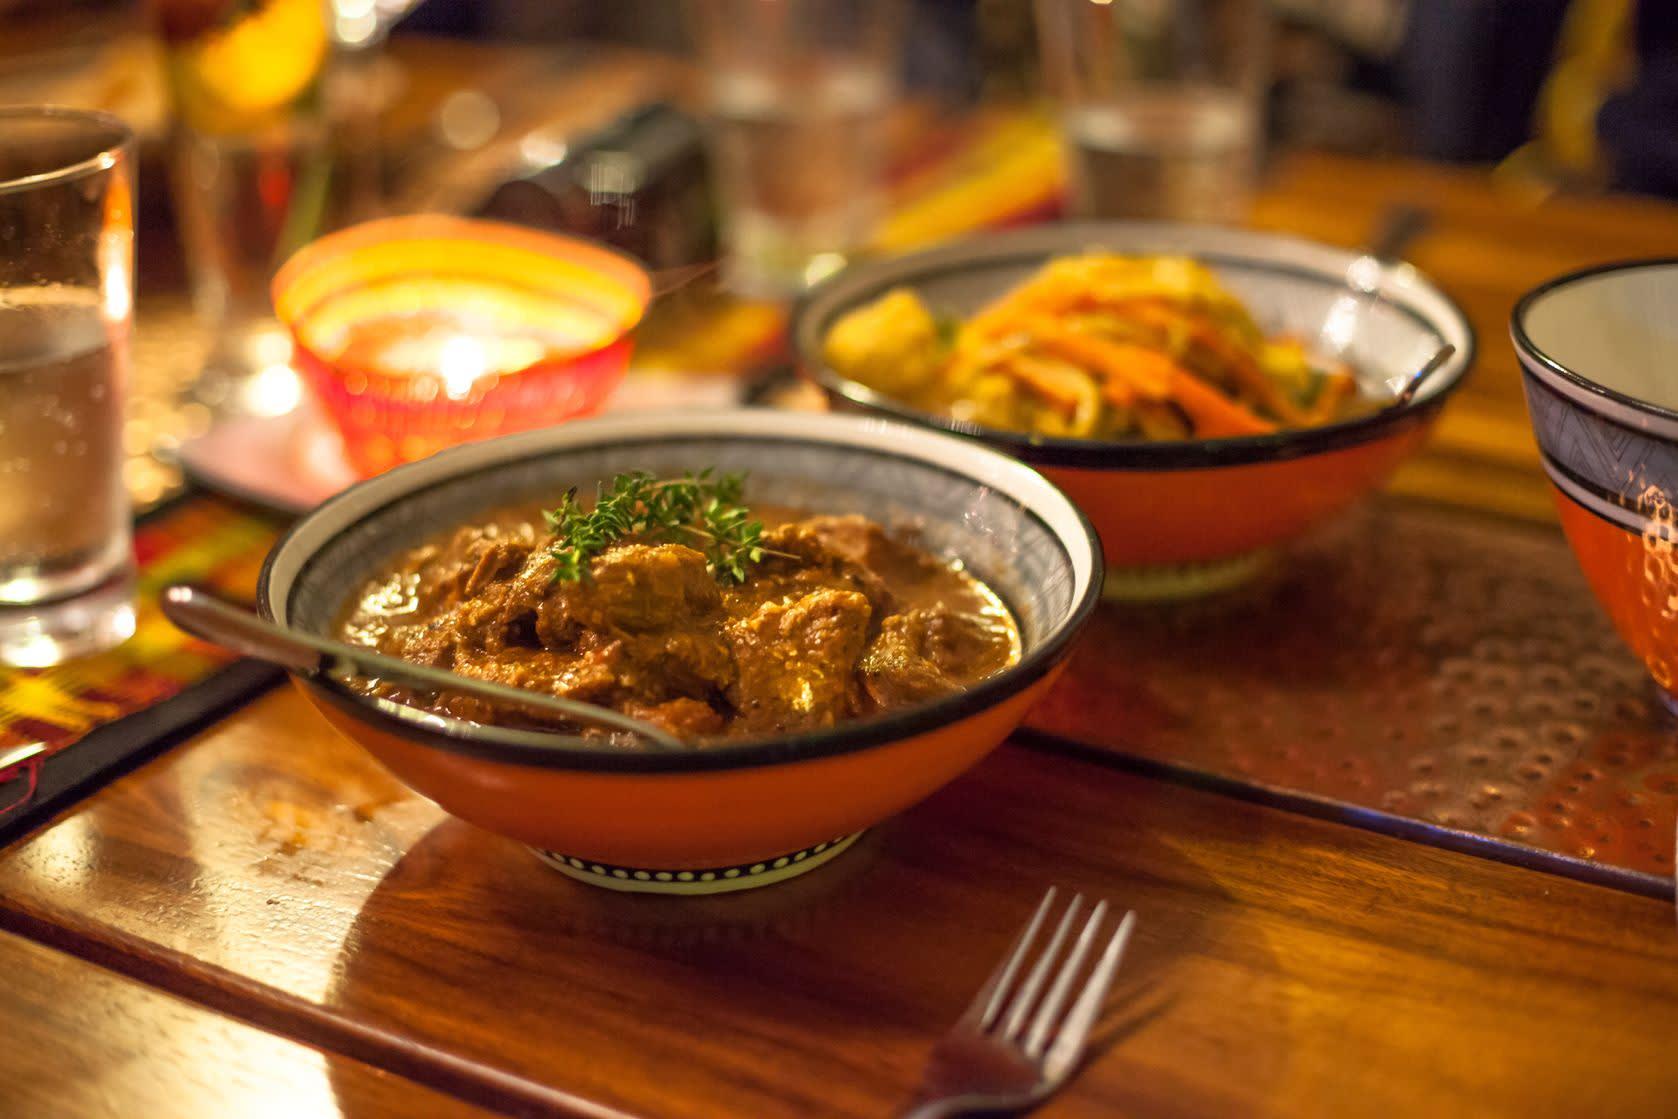 Traditionelle südafrikanische Spezialität mit Lamm